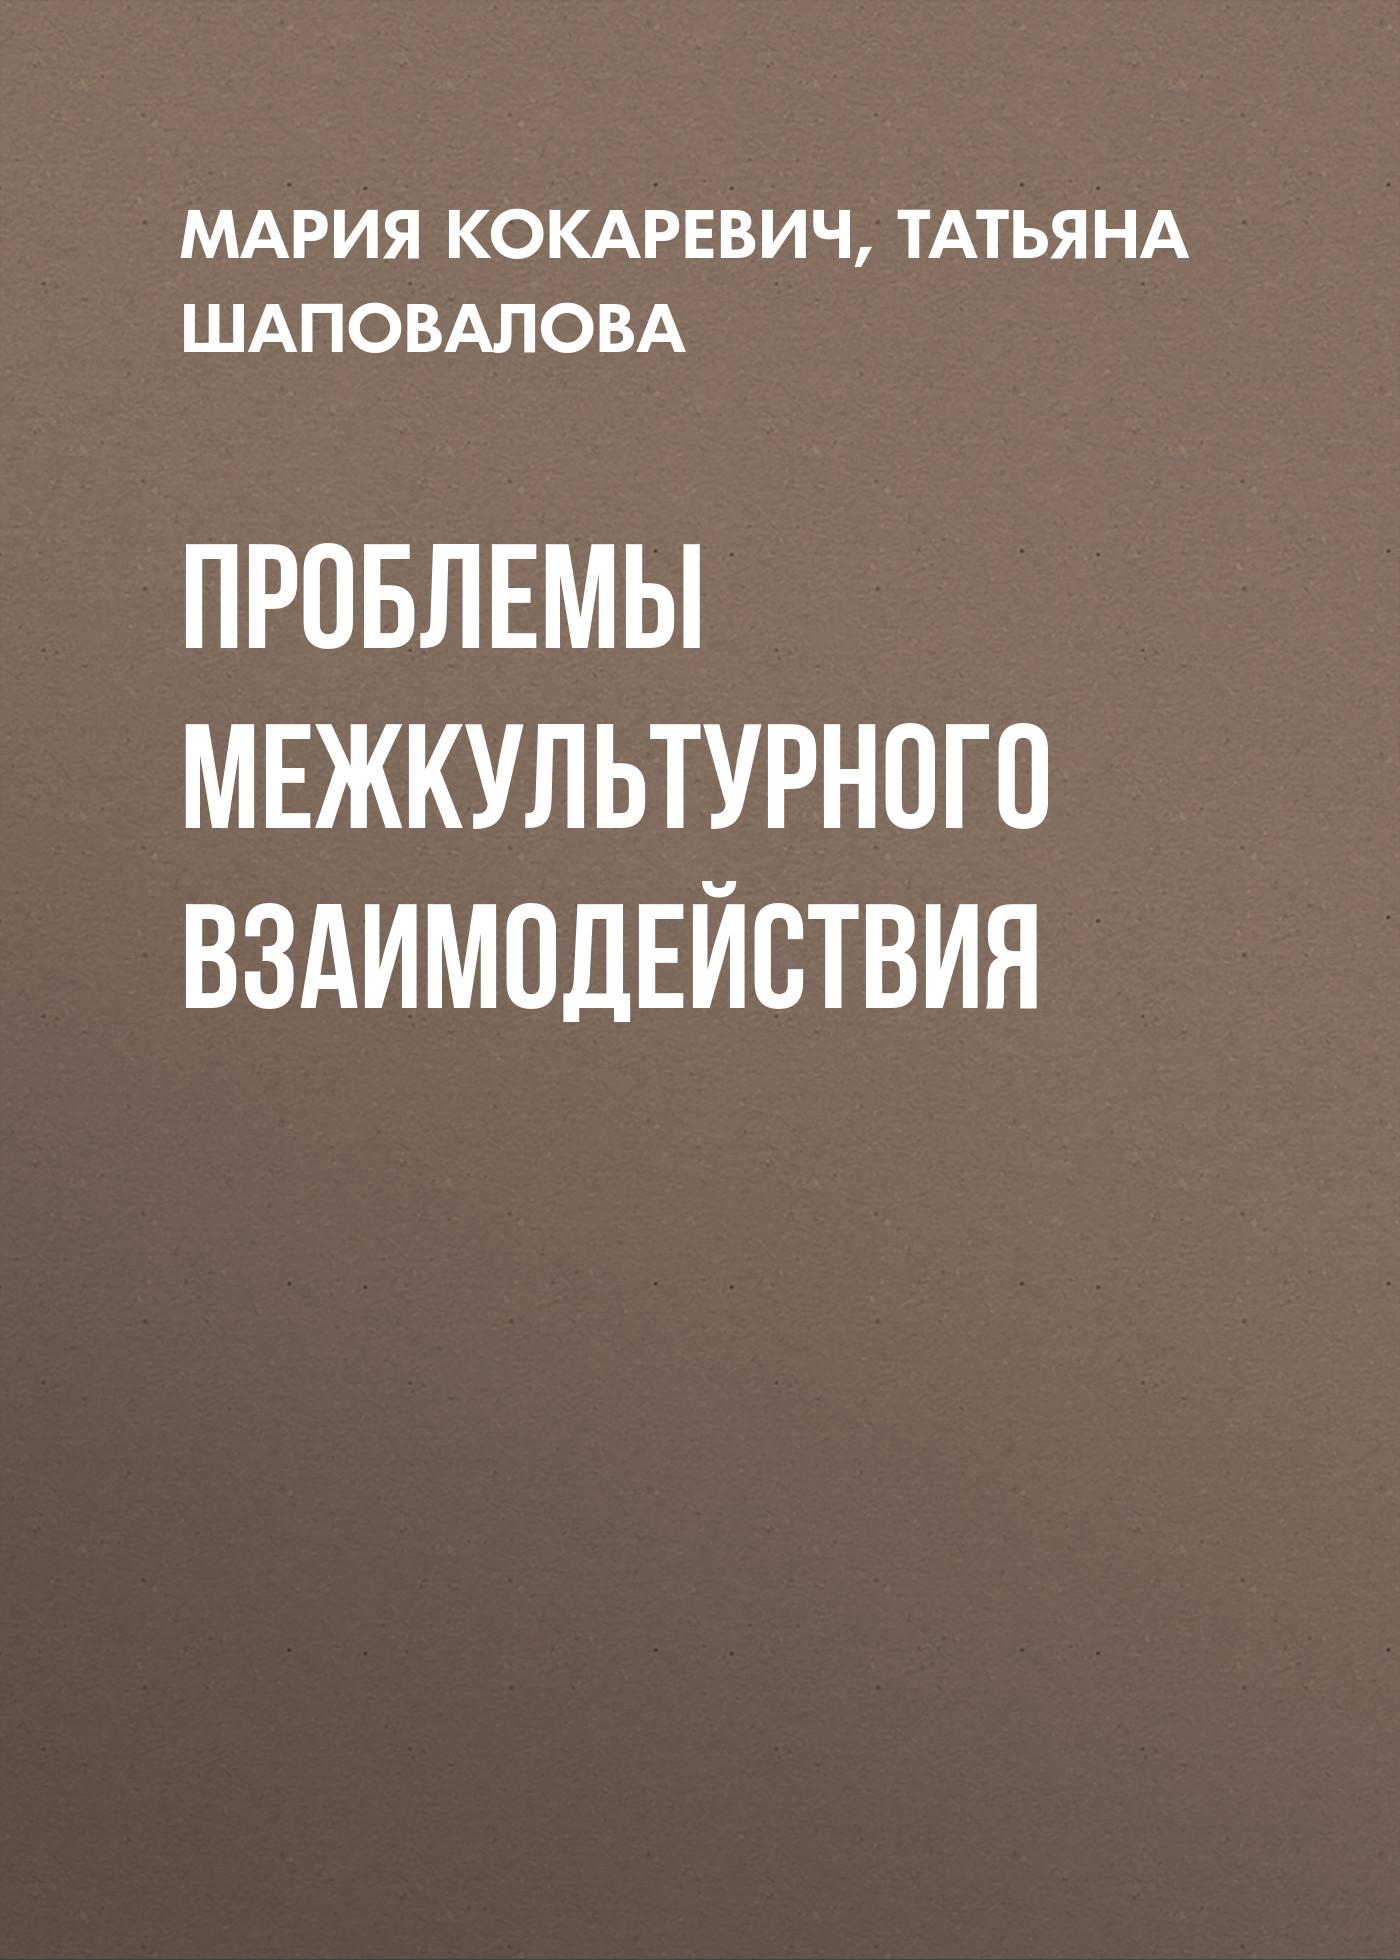 Т. А. Шаповалова Проблемы межкультурного взаимодействия